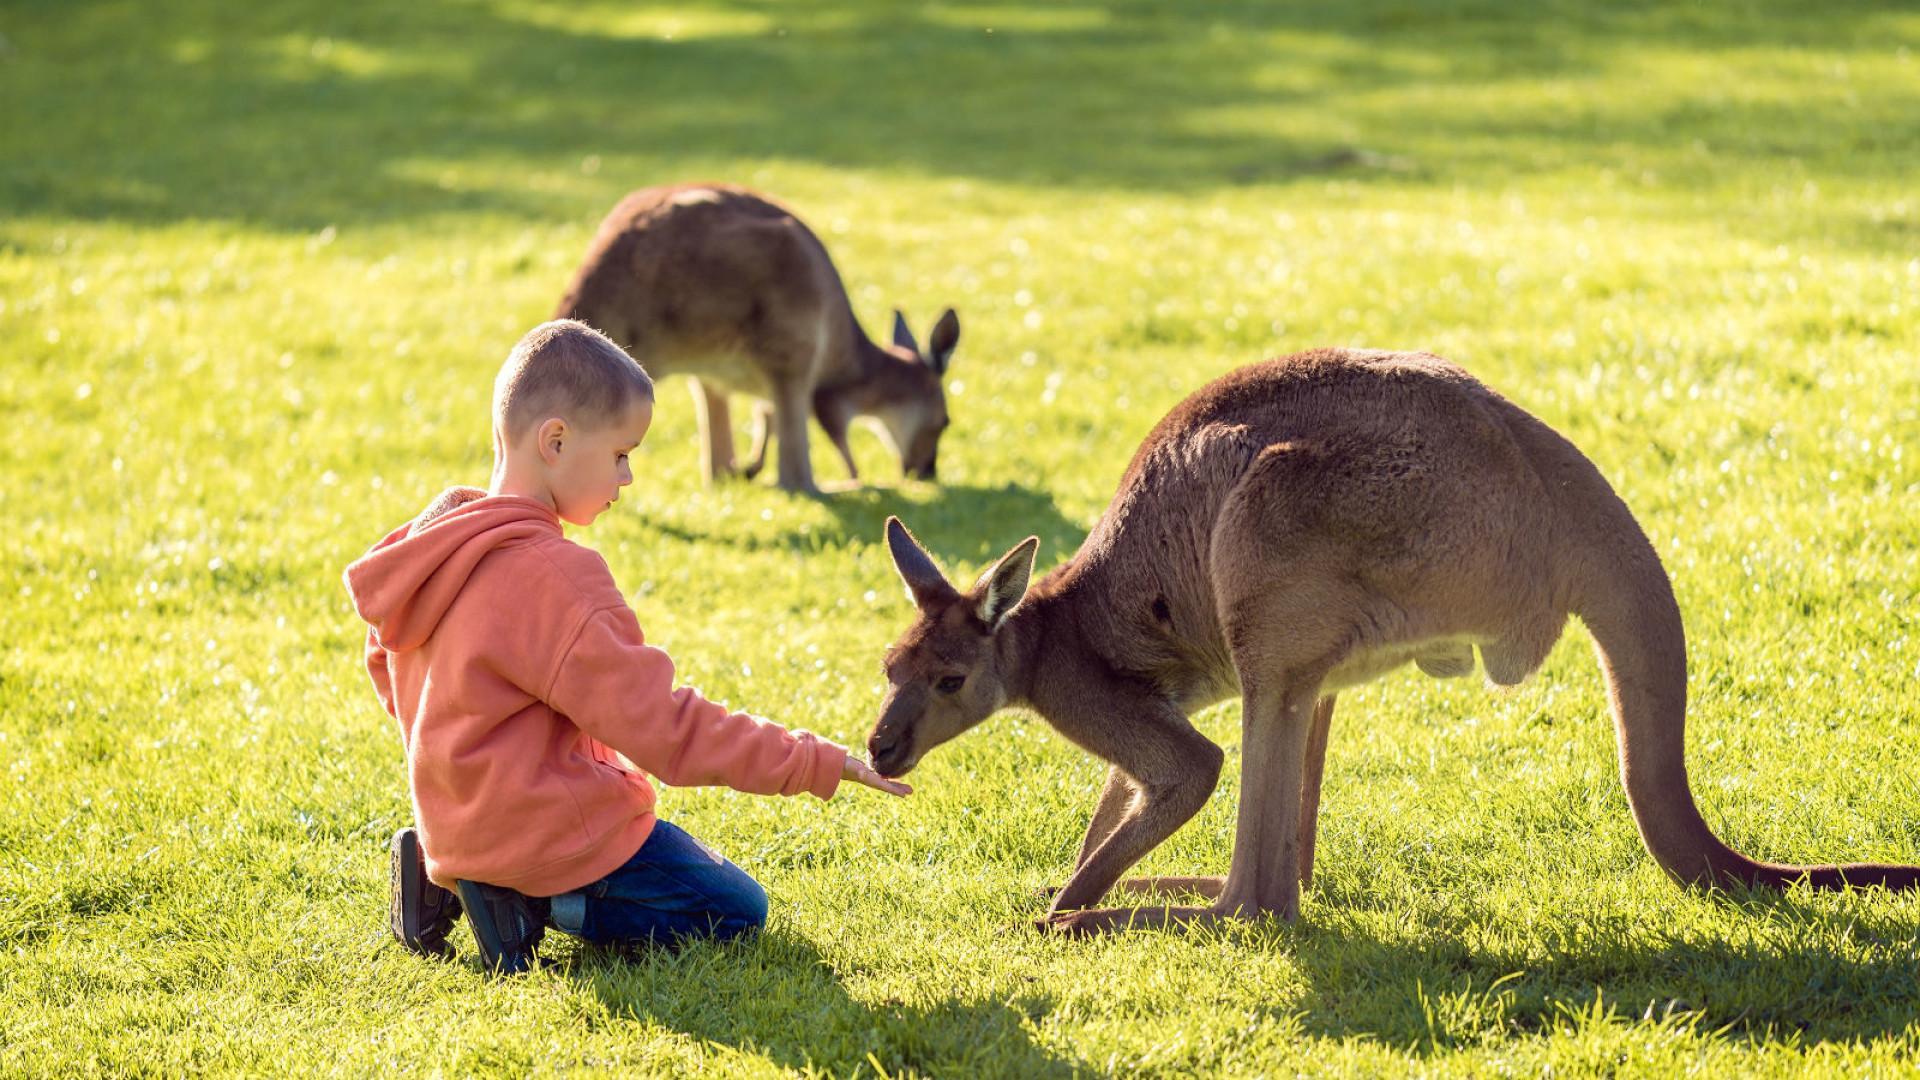 Показано, что кенгуру могут «общаться» с людьми